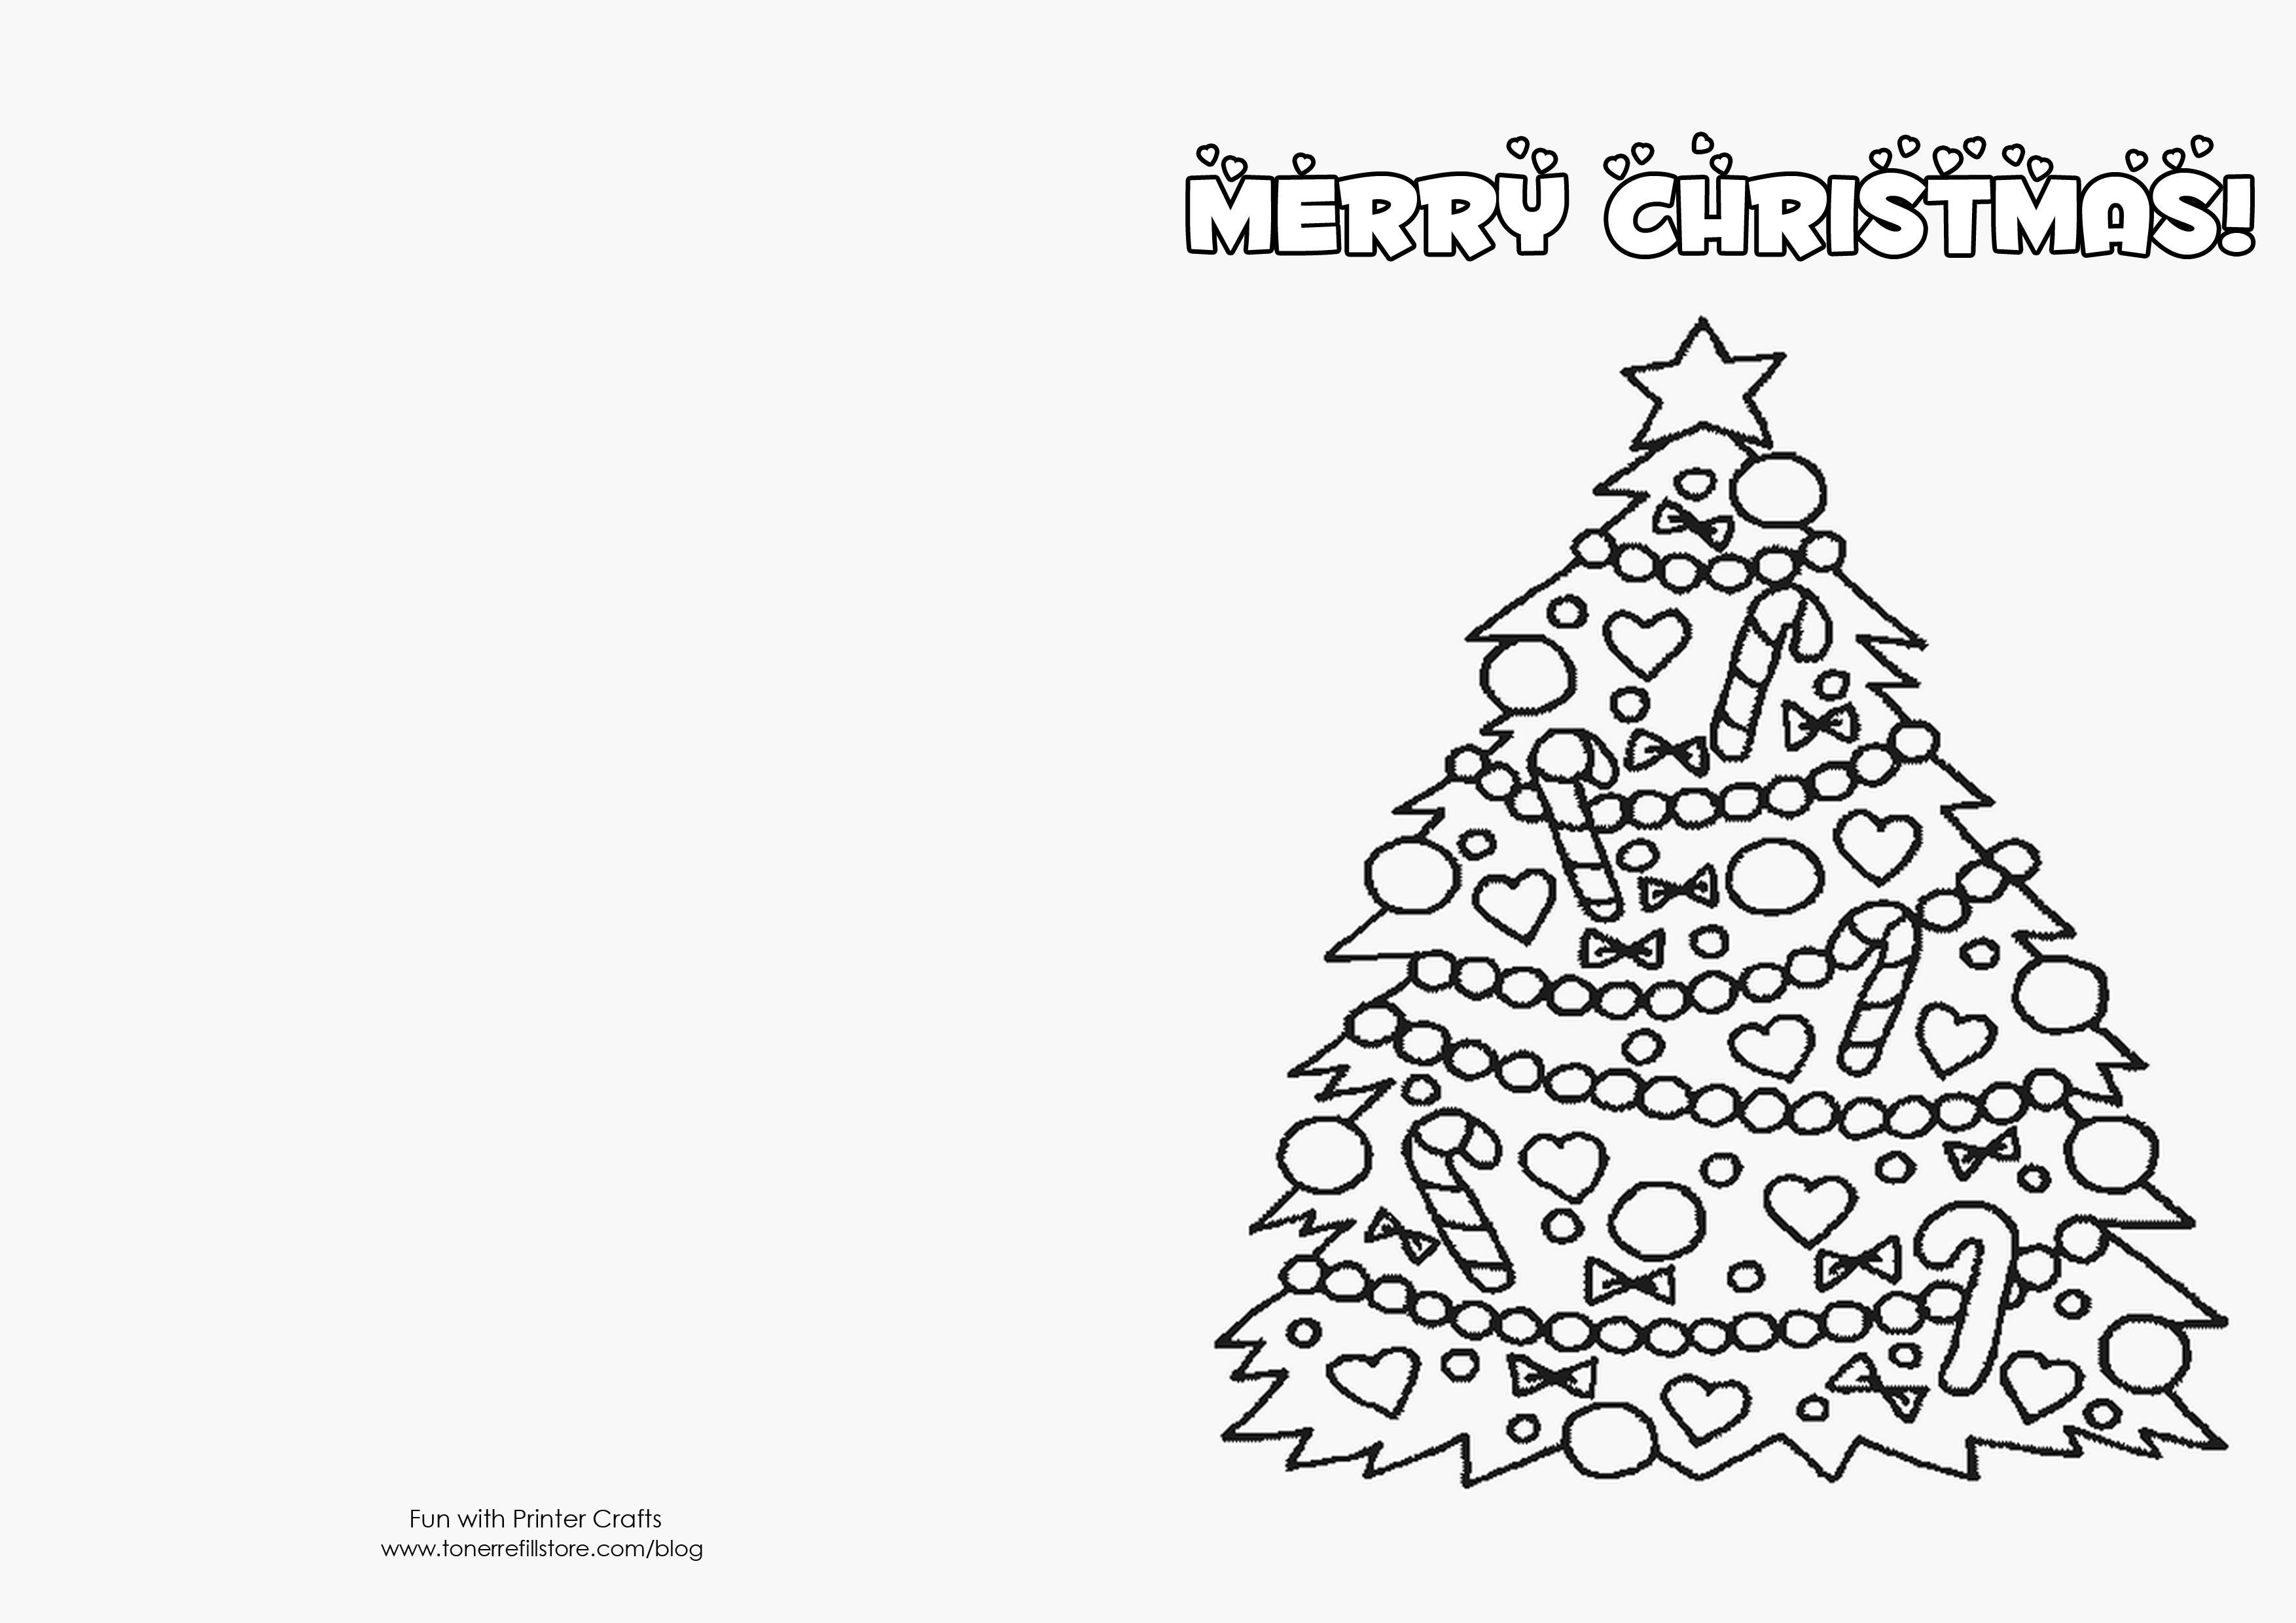 Free Printable Christmas Cards. Christmas Cards Online Free - Christmas Cards Online Free Printable